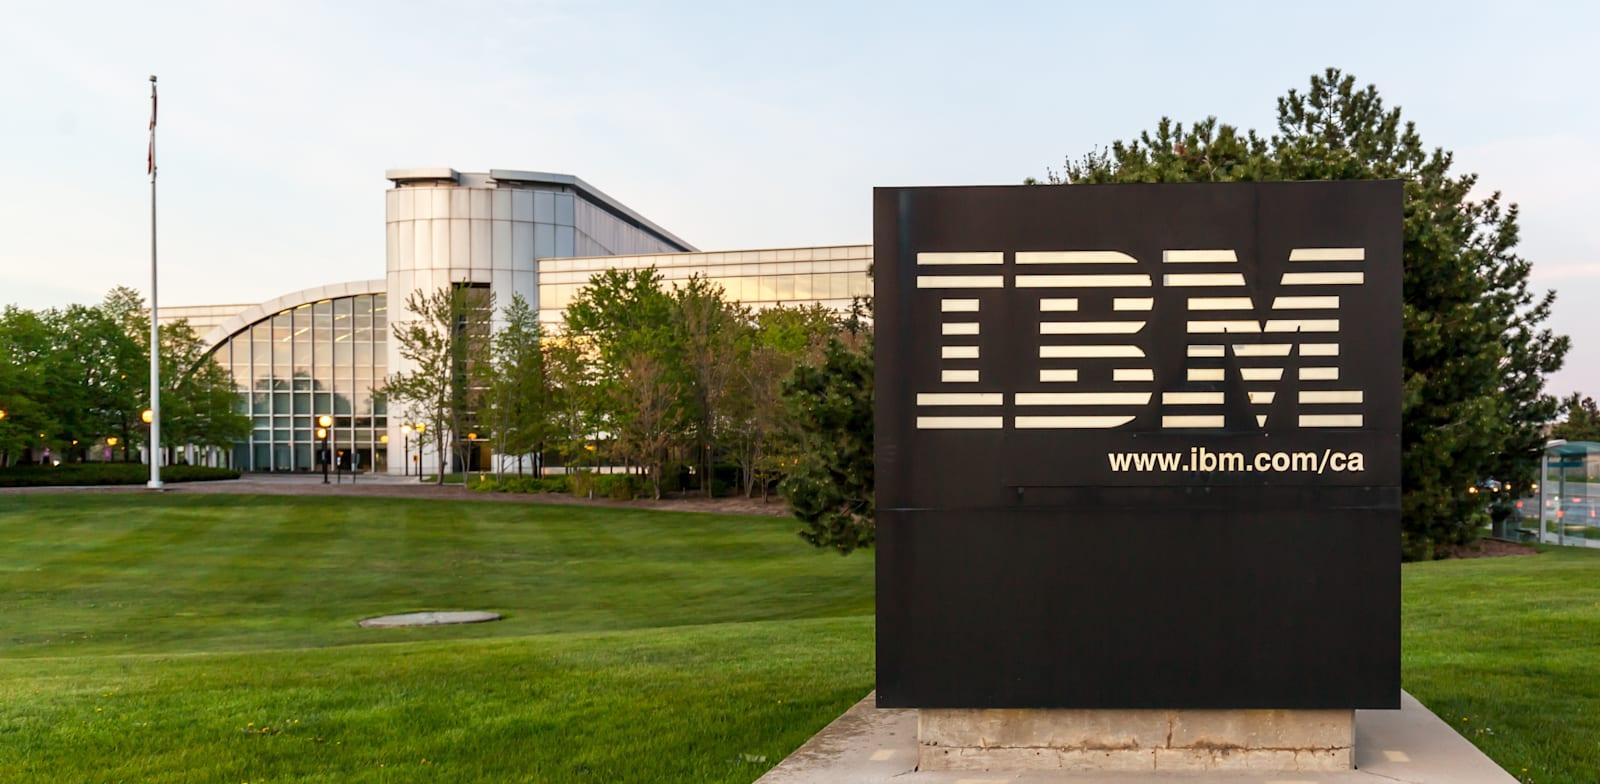 מטה IBM בקנדה / צילום: Shutterstock